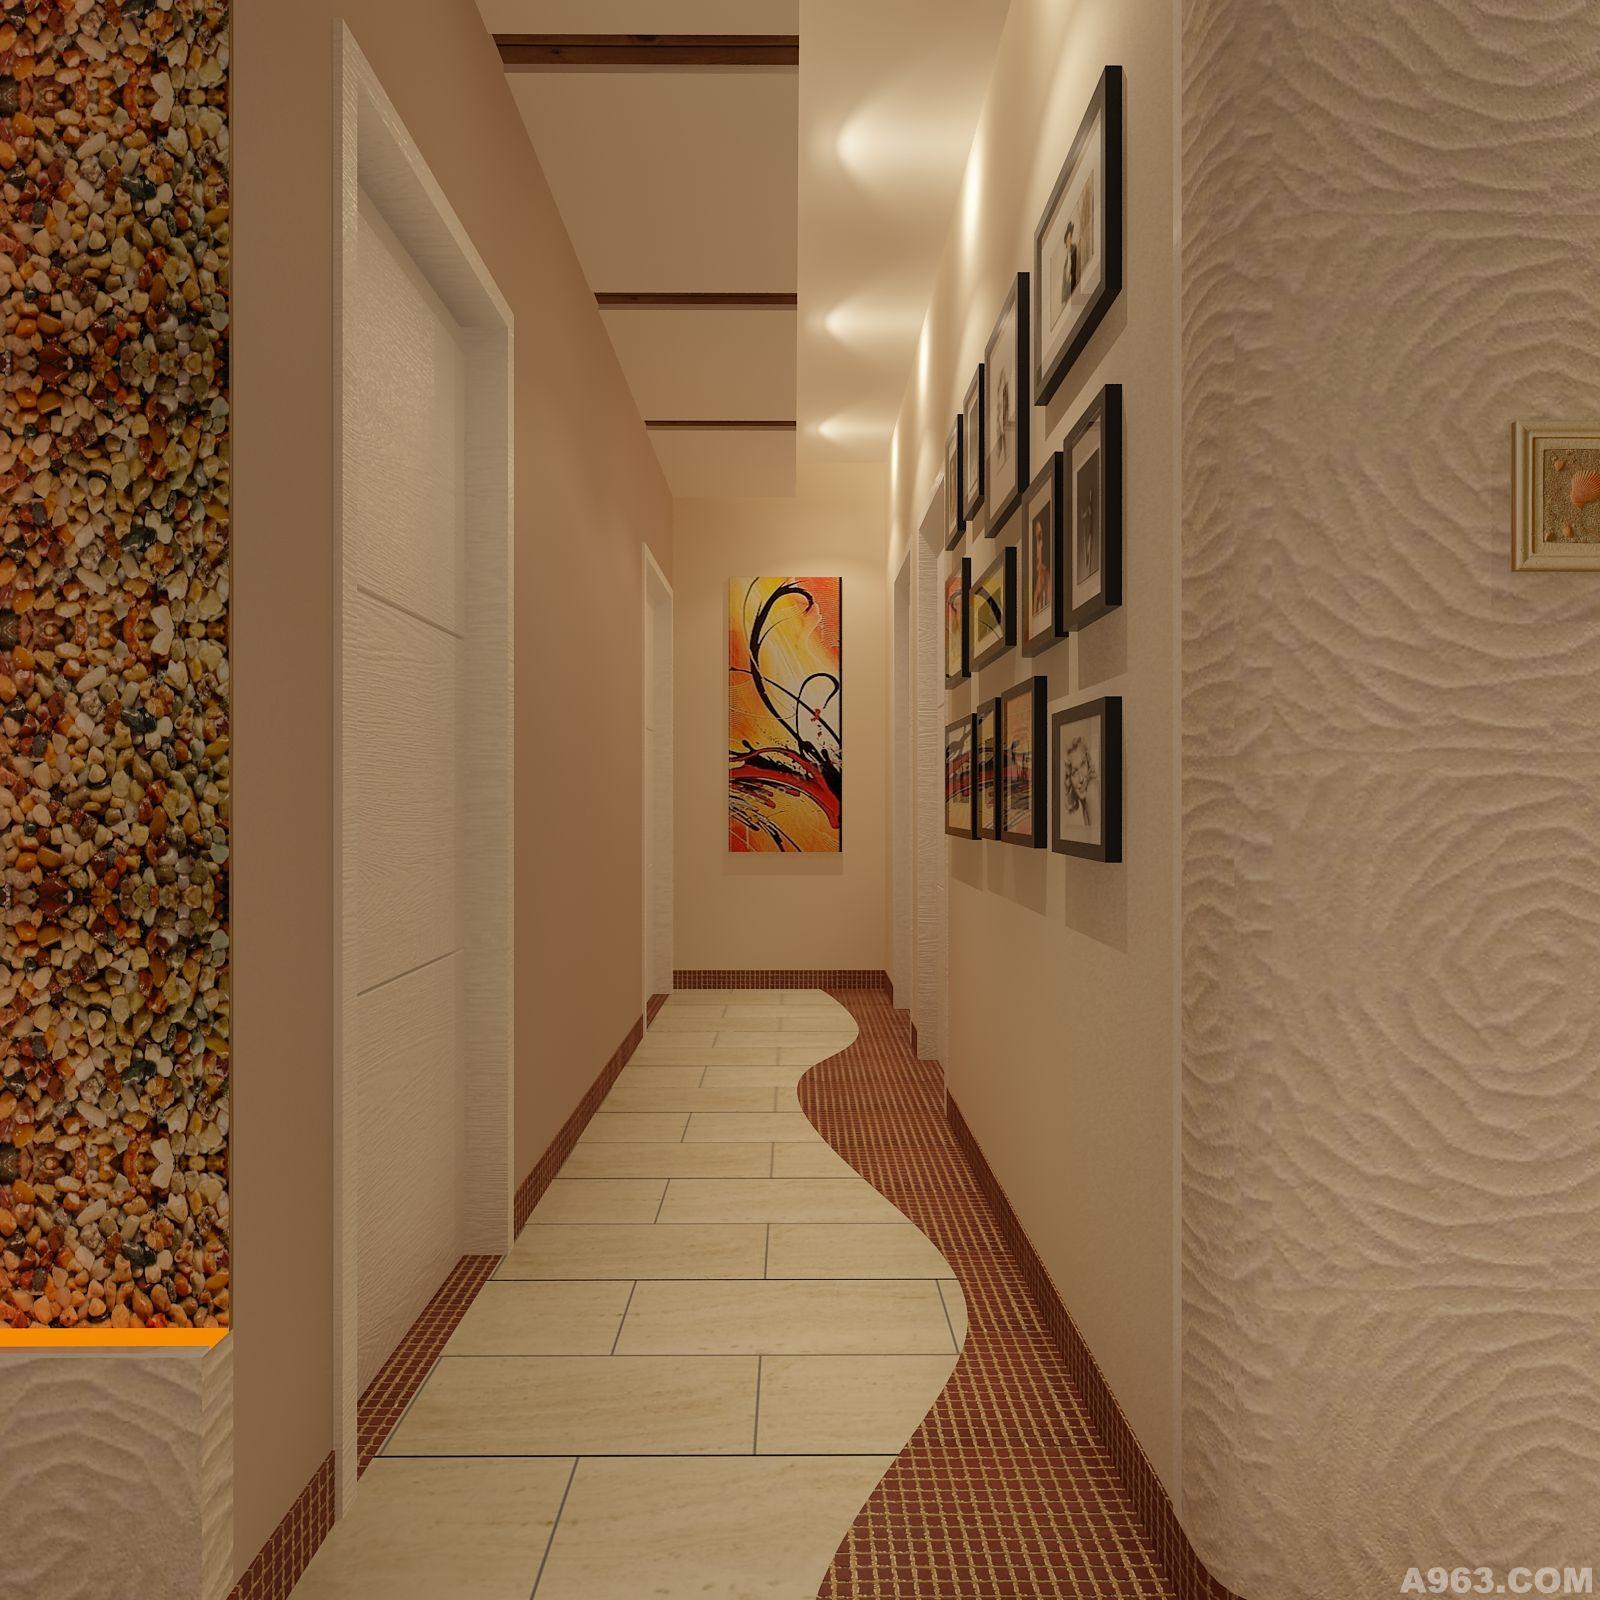 中华室内设计网 作品中心 住宅空间 别墅豪宅 > 陈岛作品